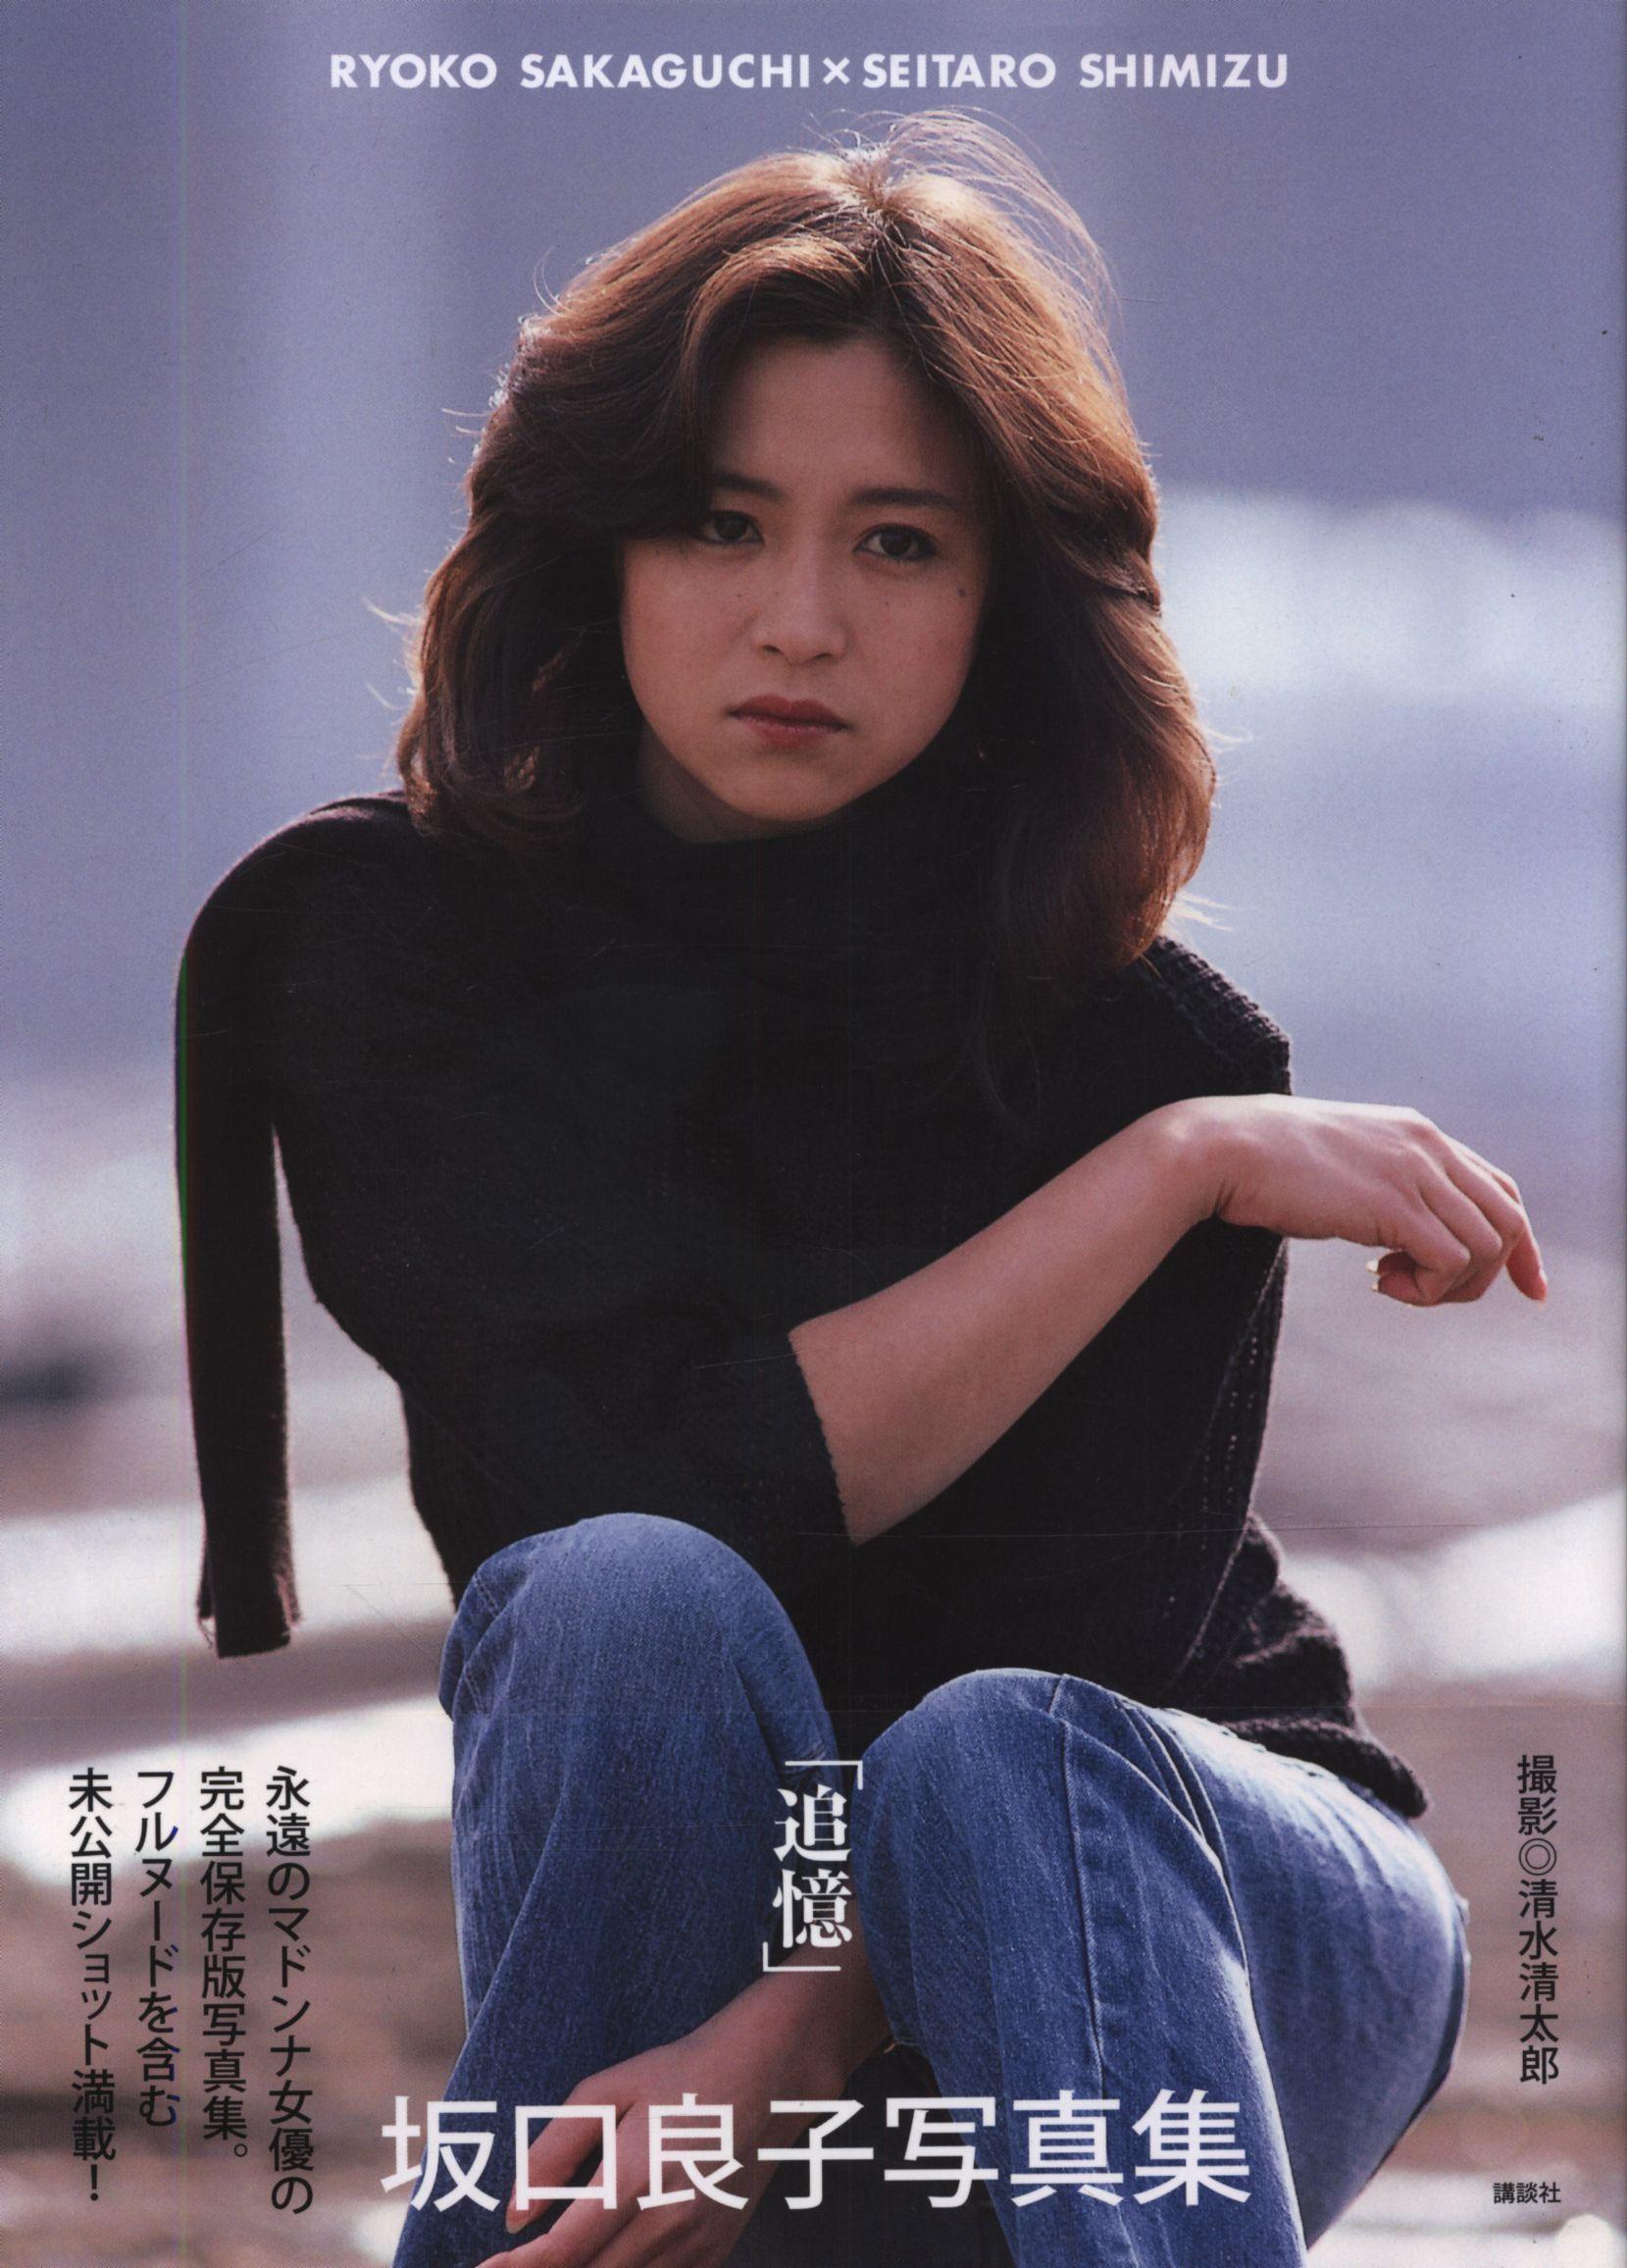 坂口良子 追憶 | 昔 美人, 坂口良子, 女優